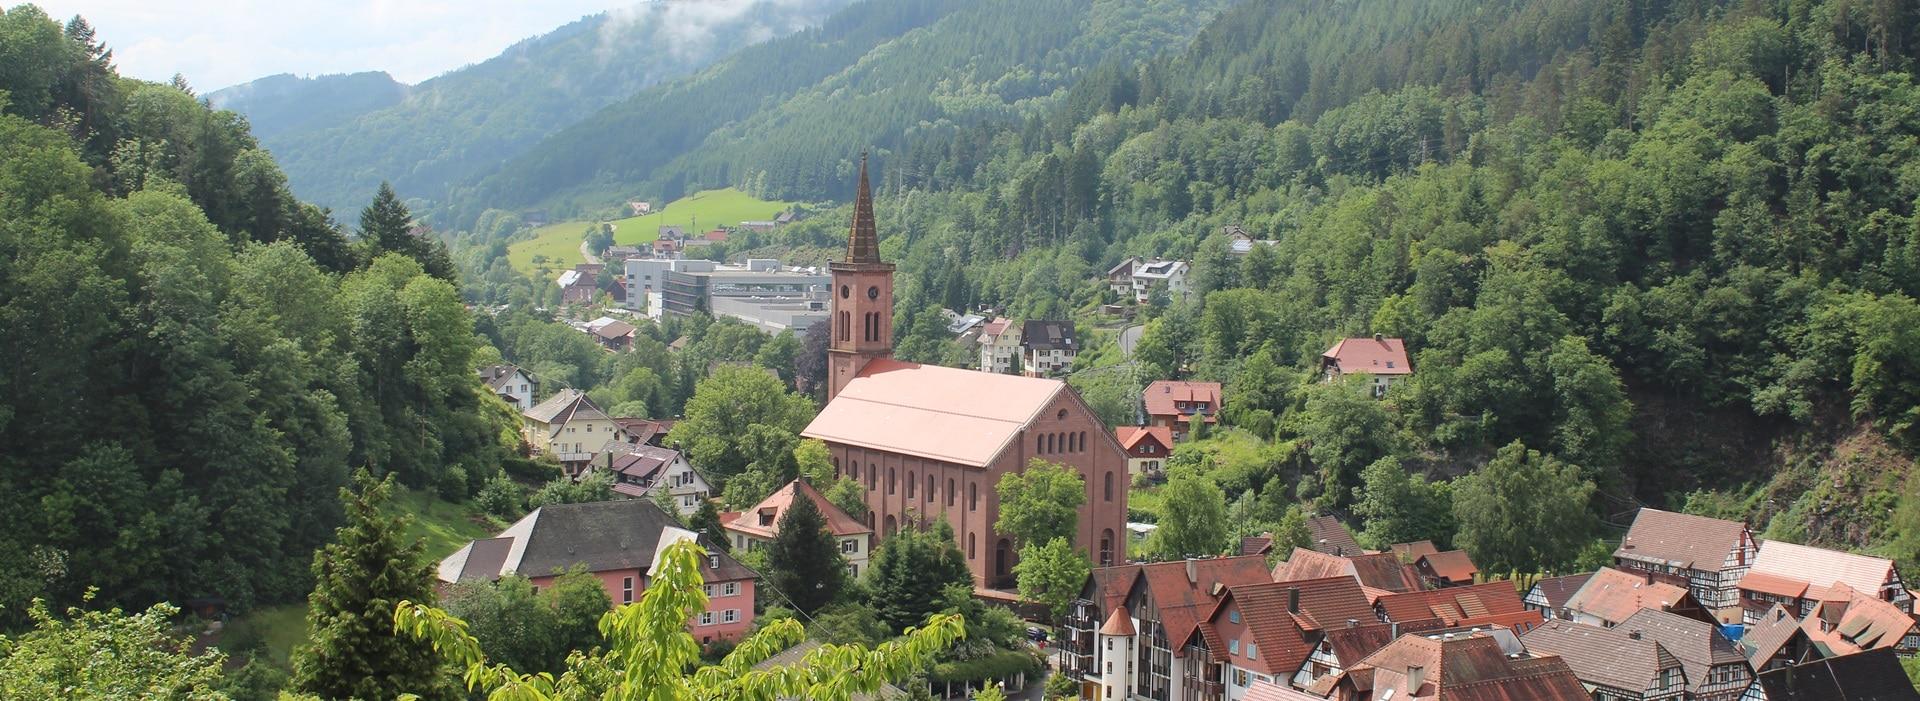 Schiltach Kinzigtal Ausflugsziel